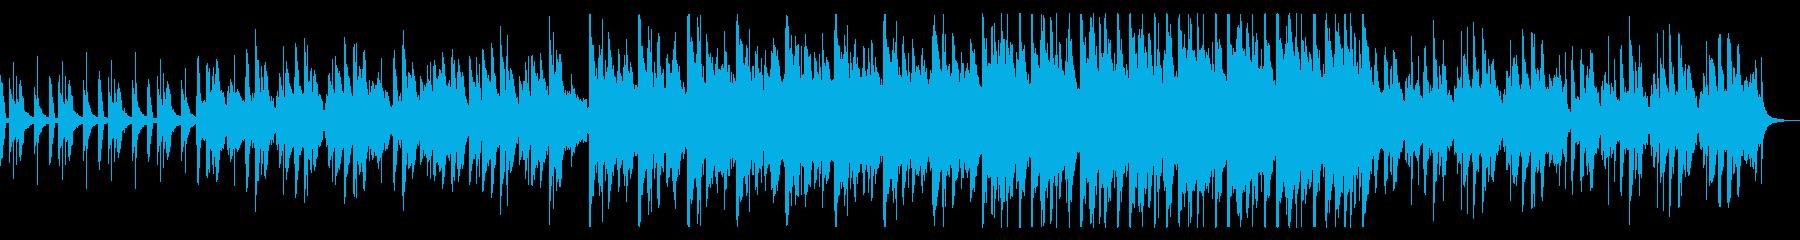 神秘的なエスニック風BGMの再生済みの波形